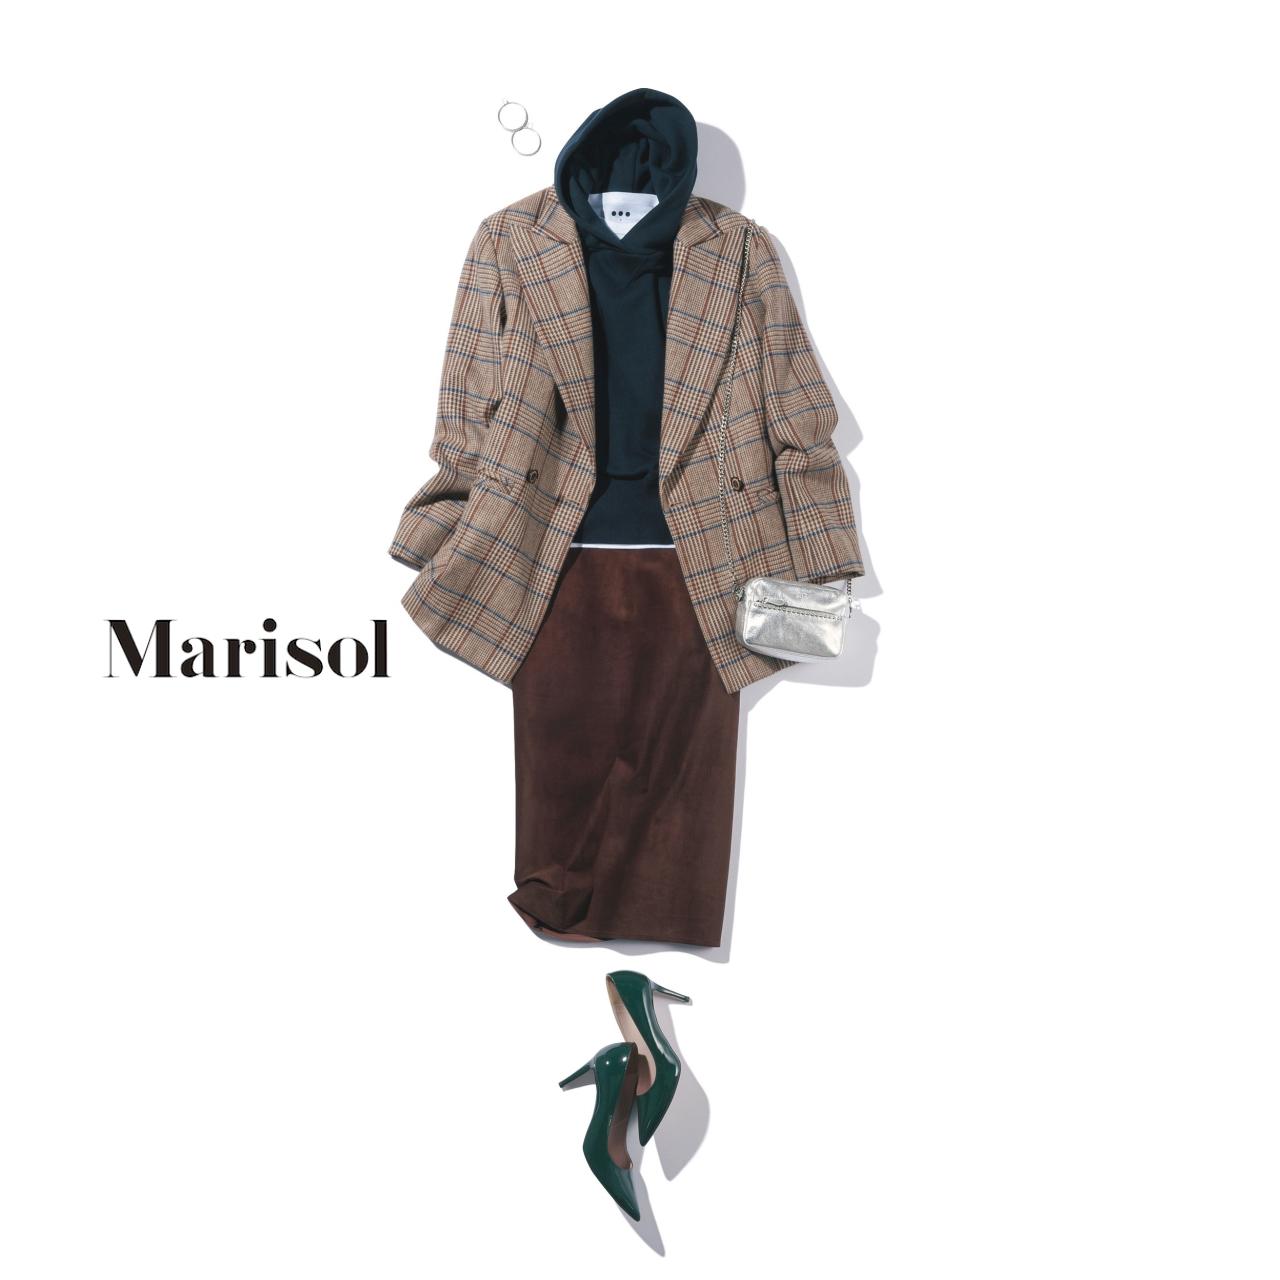 40代ファッション チェック柄ジャケット×パーカ×タイトスカートコーデ